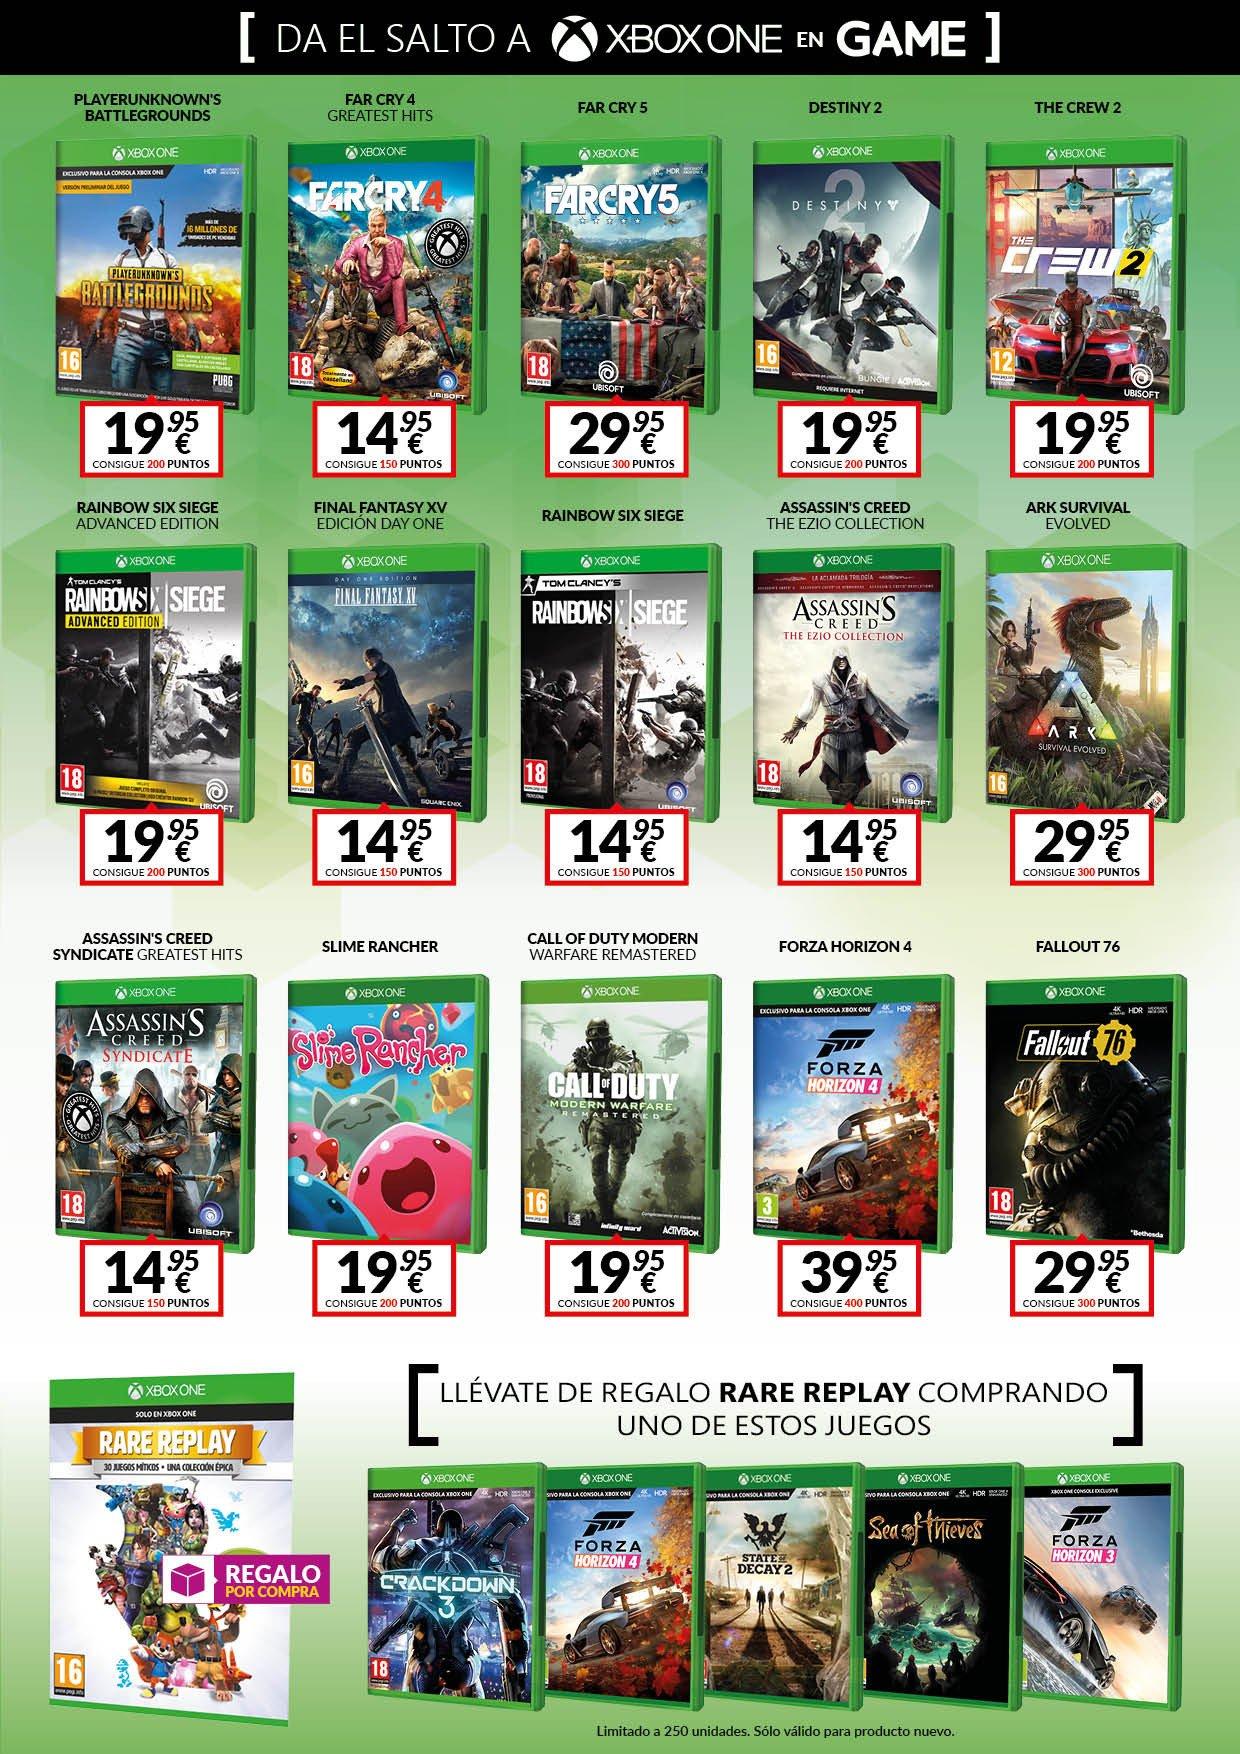 Da el salto a Xbox One con las nuevas ofertas de las tiendas GAME en accesorios y consolas Xbox One 5